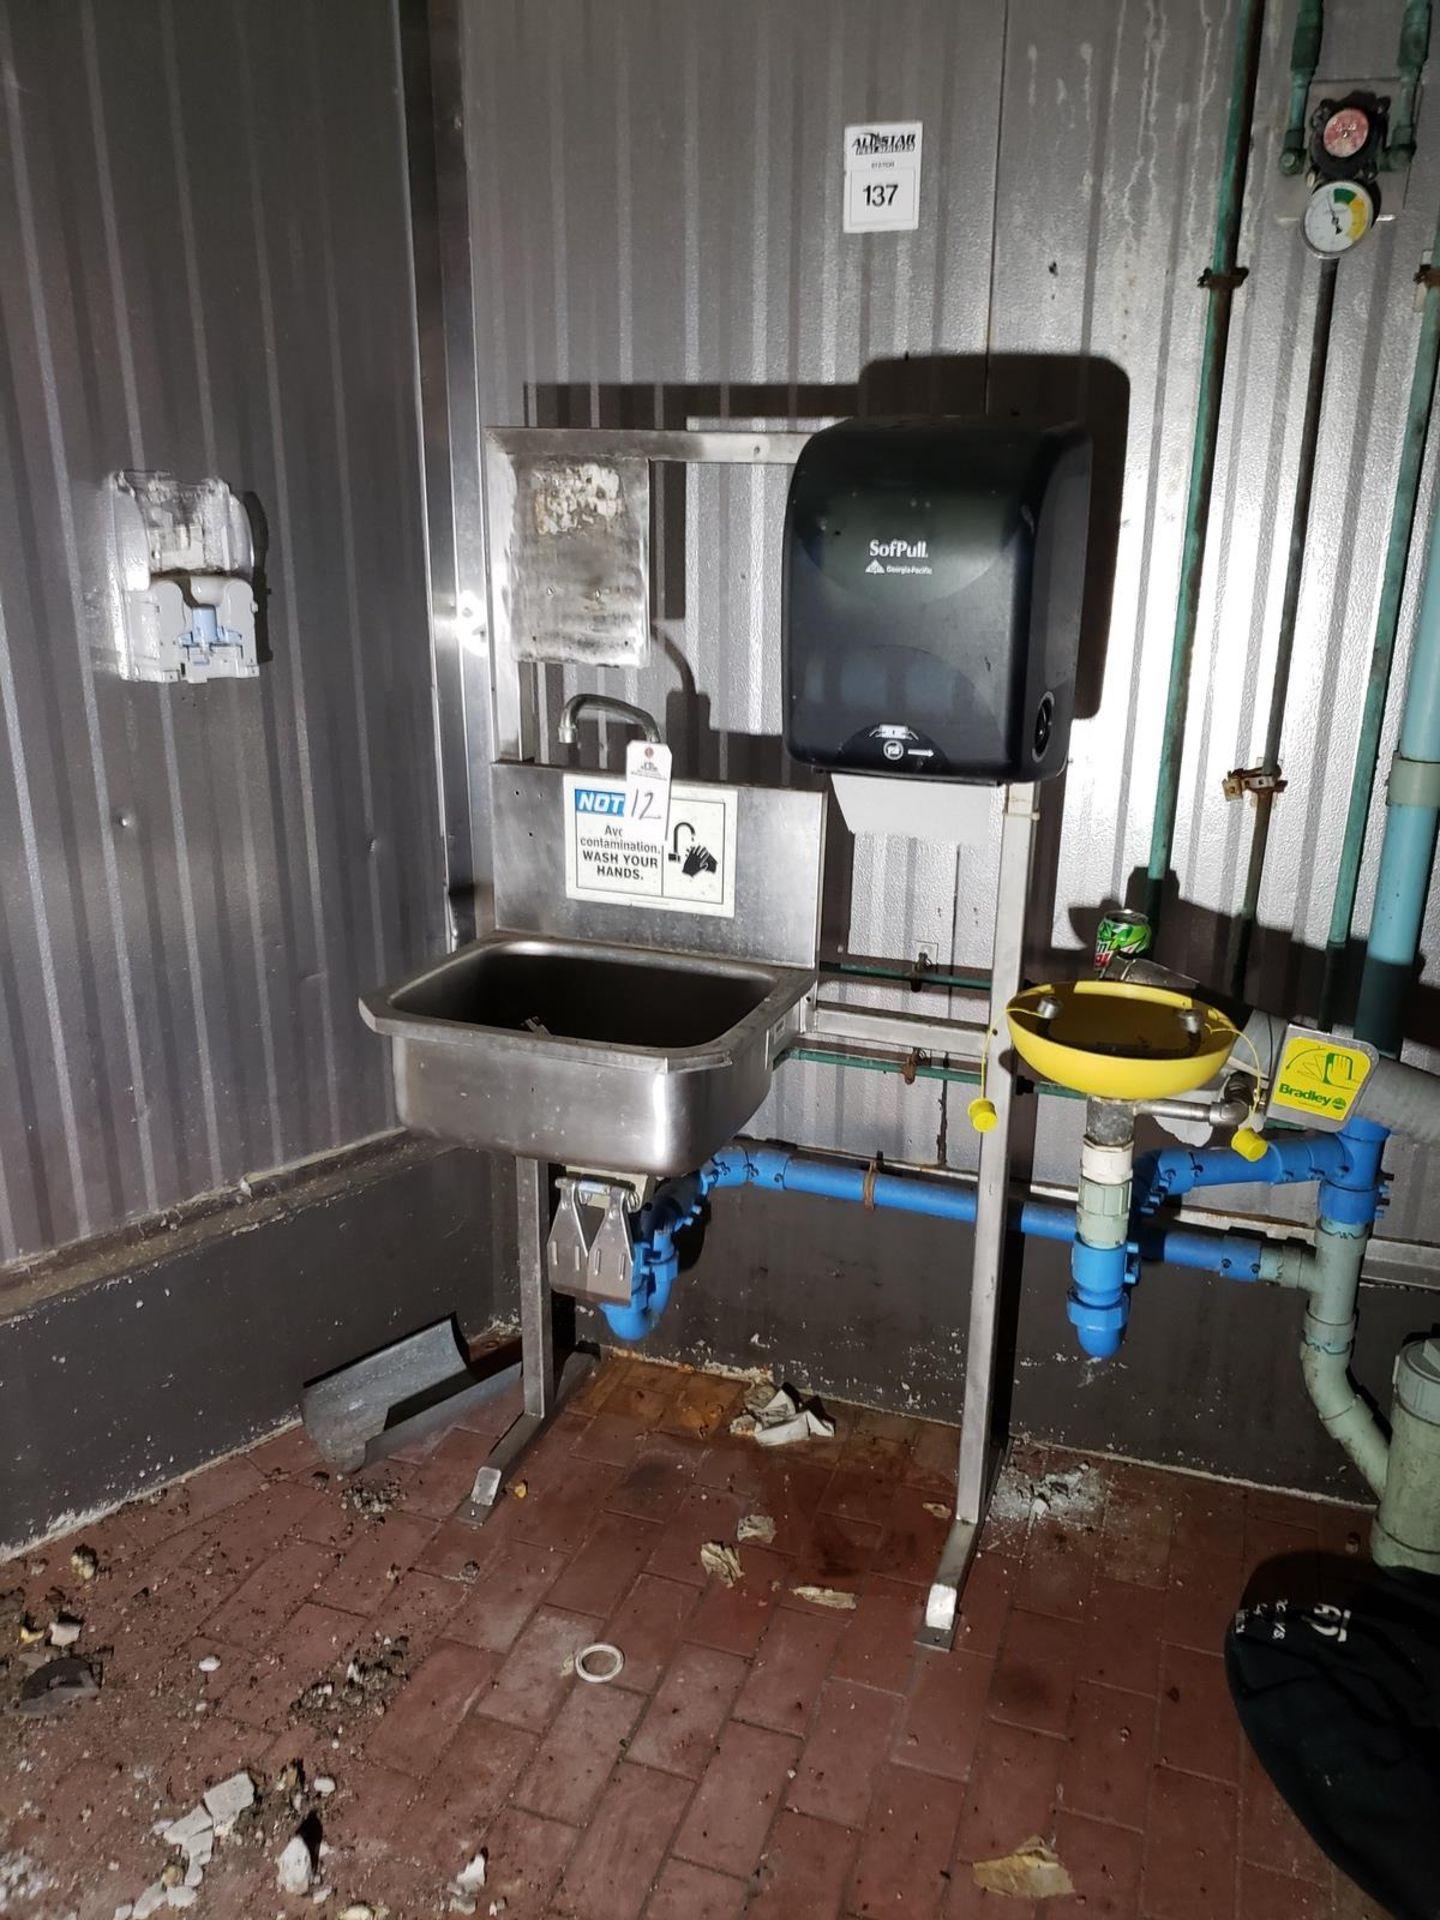 Lot 12 - Stainless Steel Sink, W/ Eye Wash